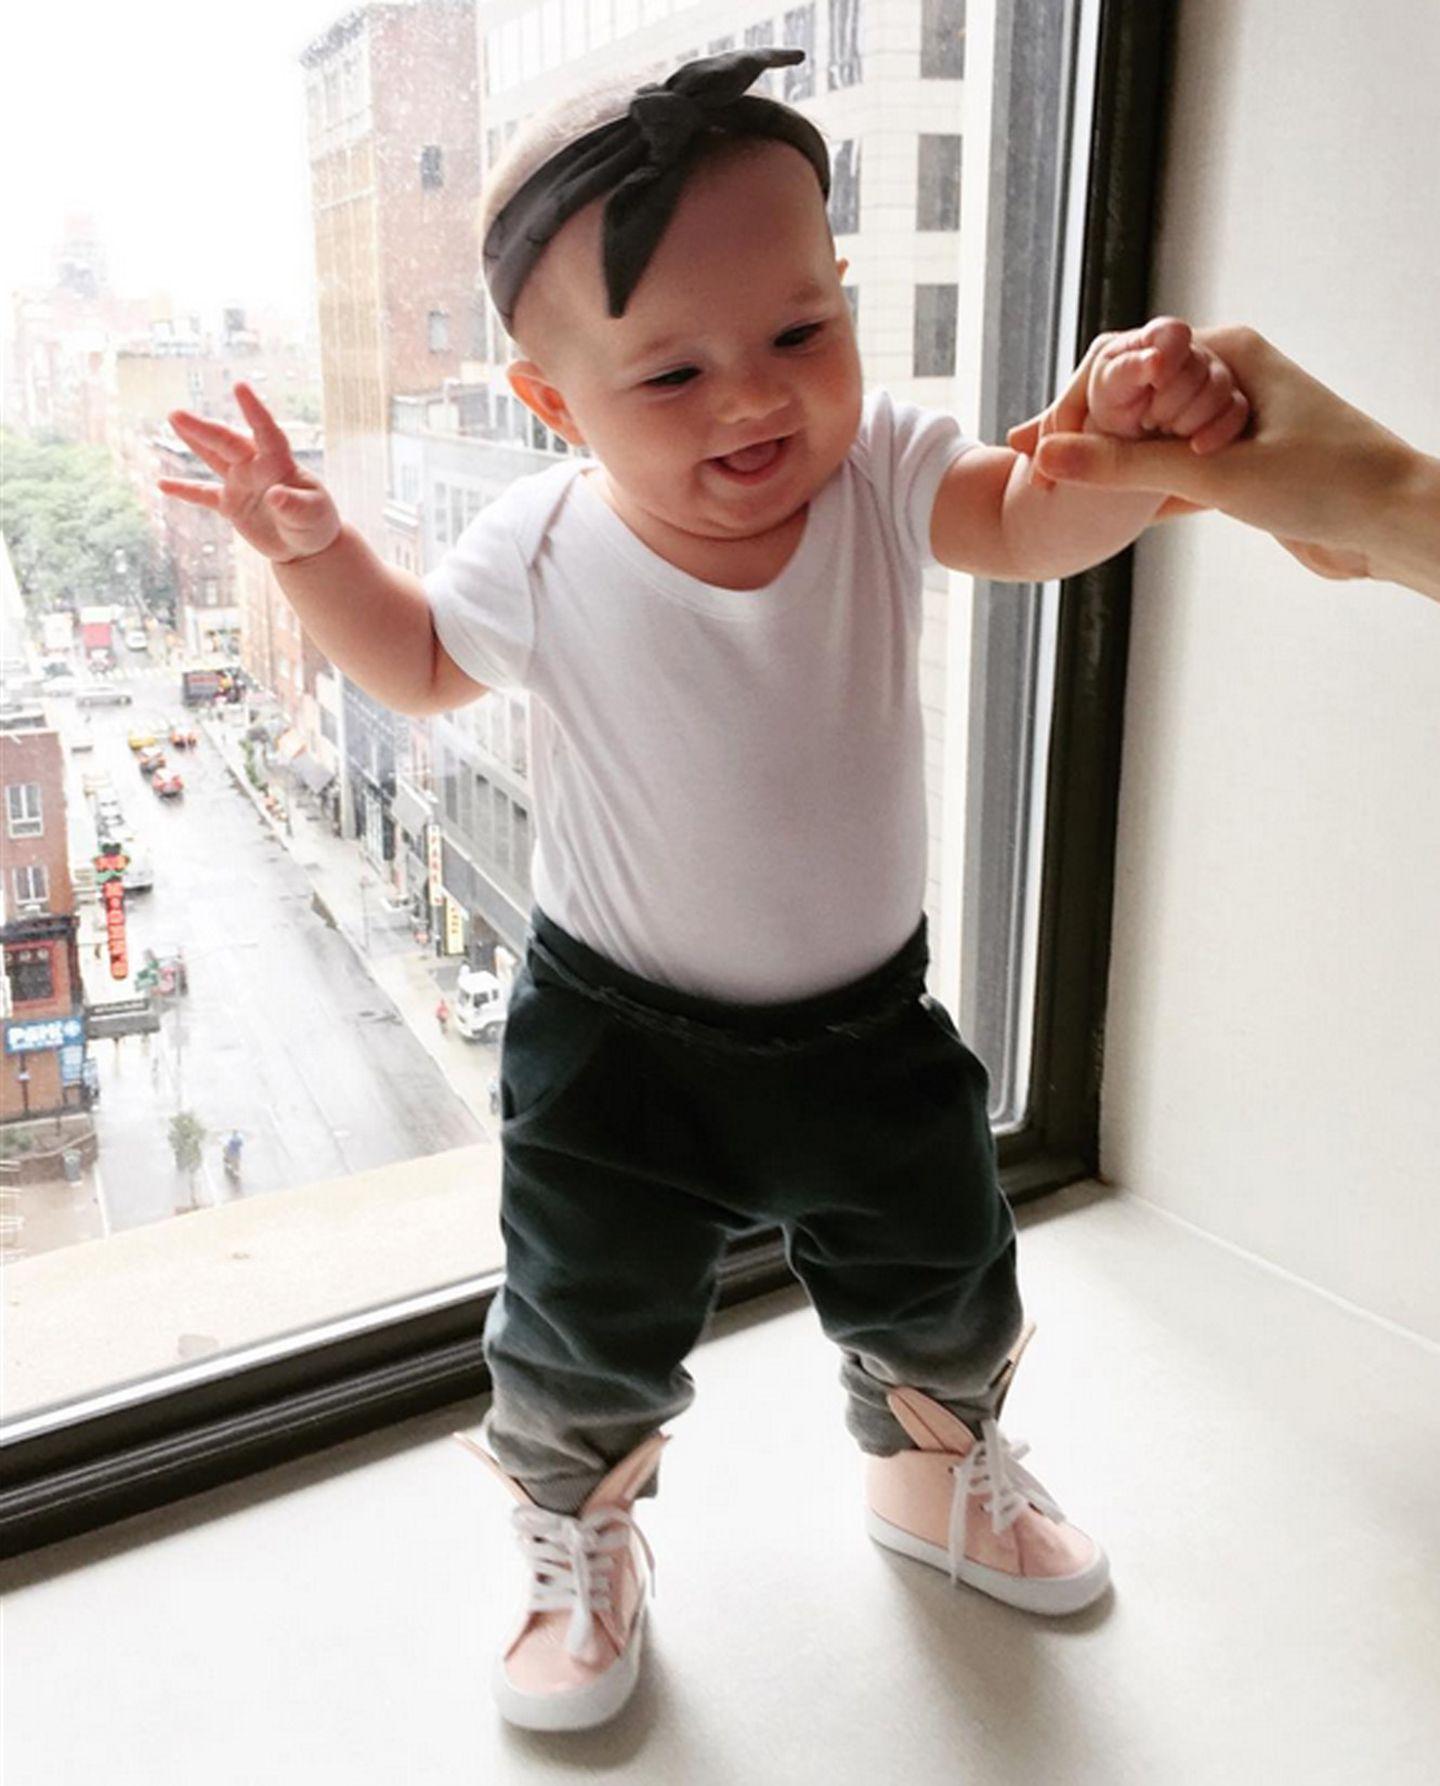 Einen lässigen Streetstyle mit farbigem Eyecatcher stellt das Outfit aus weißem Body, dunkelgrauer Jogginghose und rosafarbenen Leder-Sneakers dar, das Ioni Conran strahlend präsentiert.